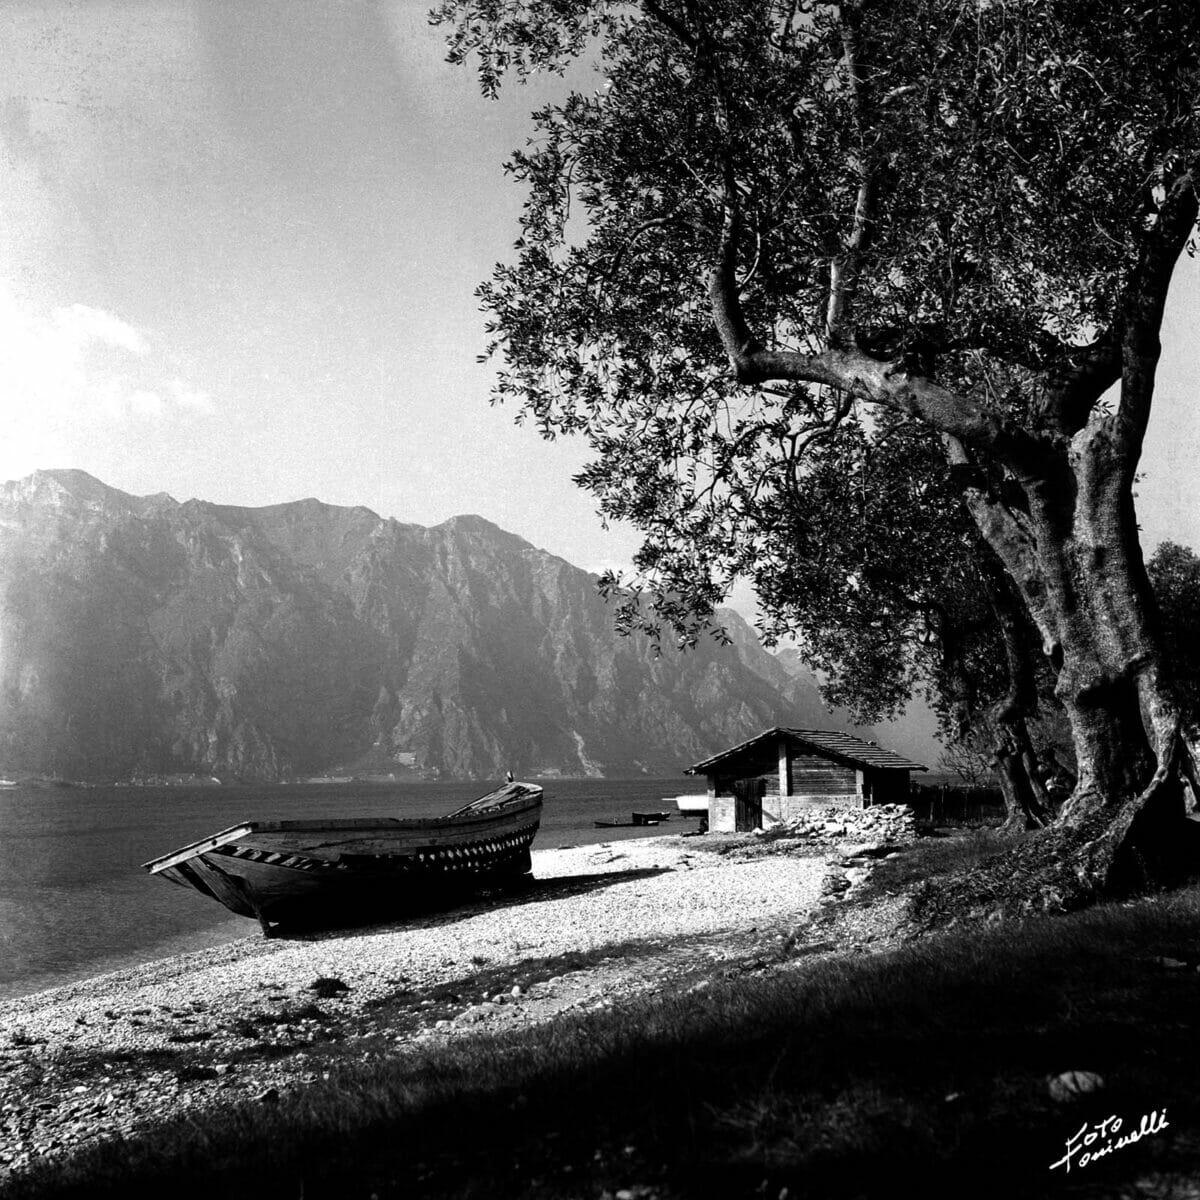 barca in spiaggia e olivo